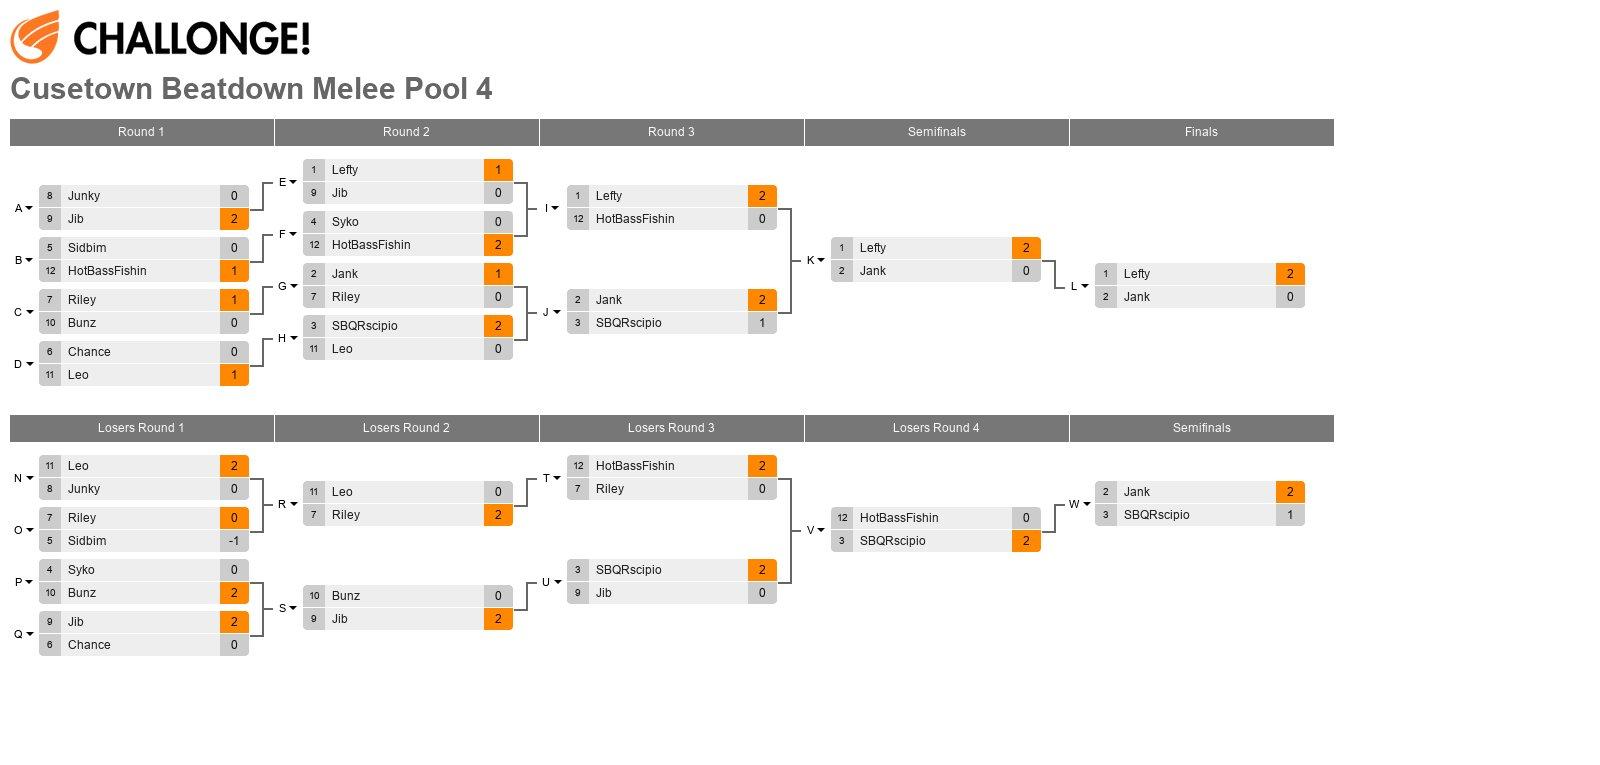 Cusetown Beatdown Melee Pool 4